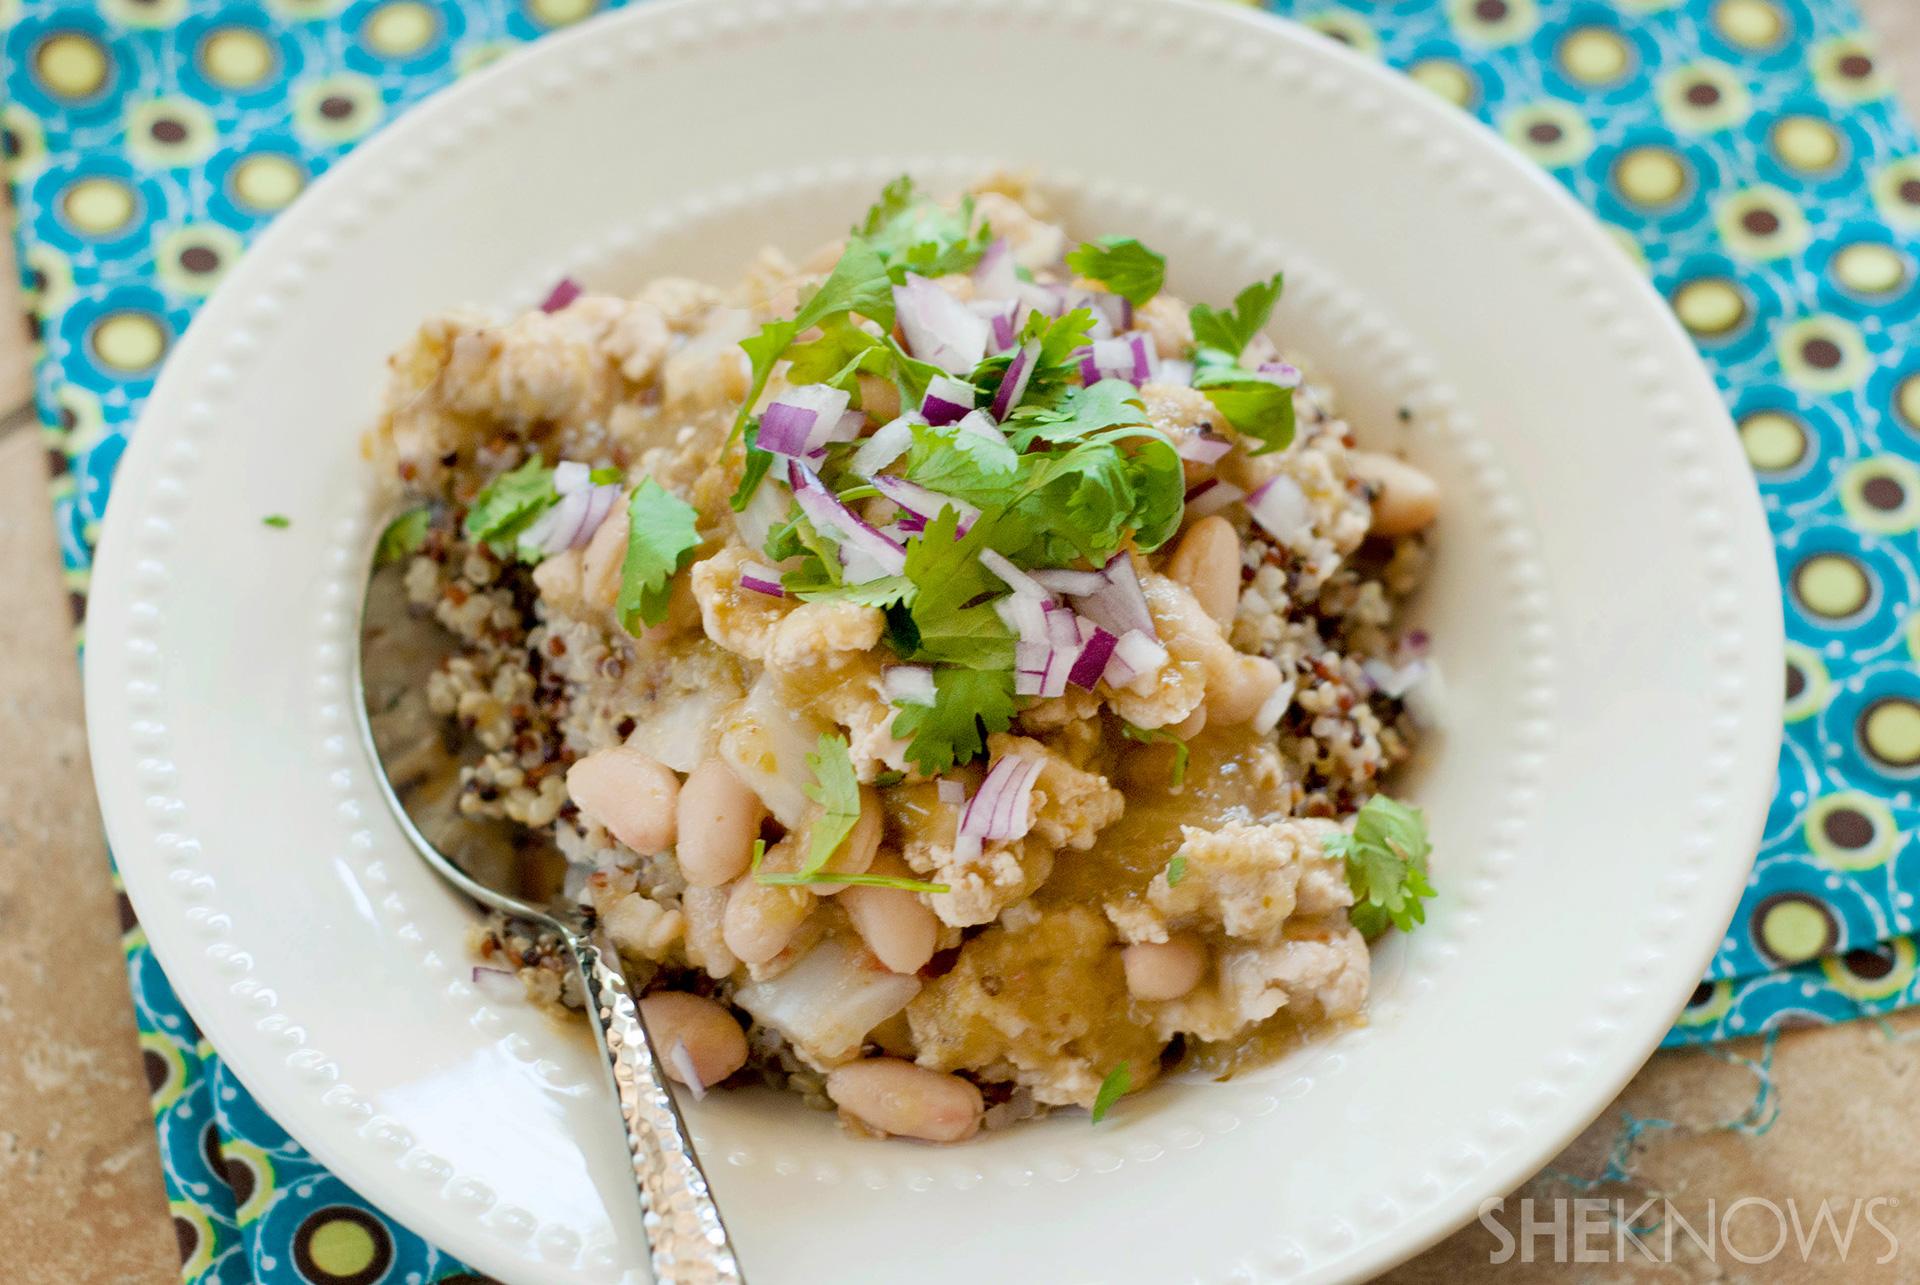 Spicy verde turkey chili over quinoa recipe